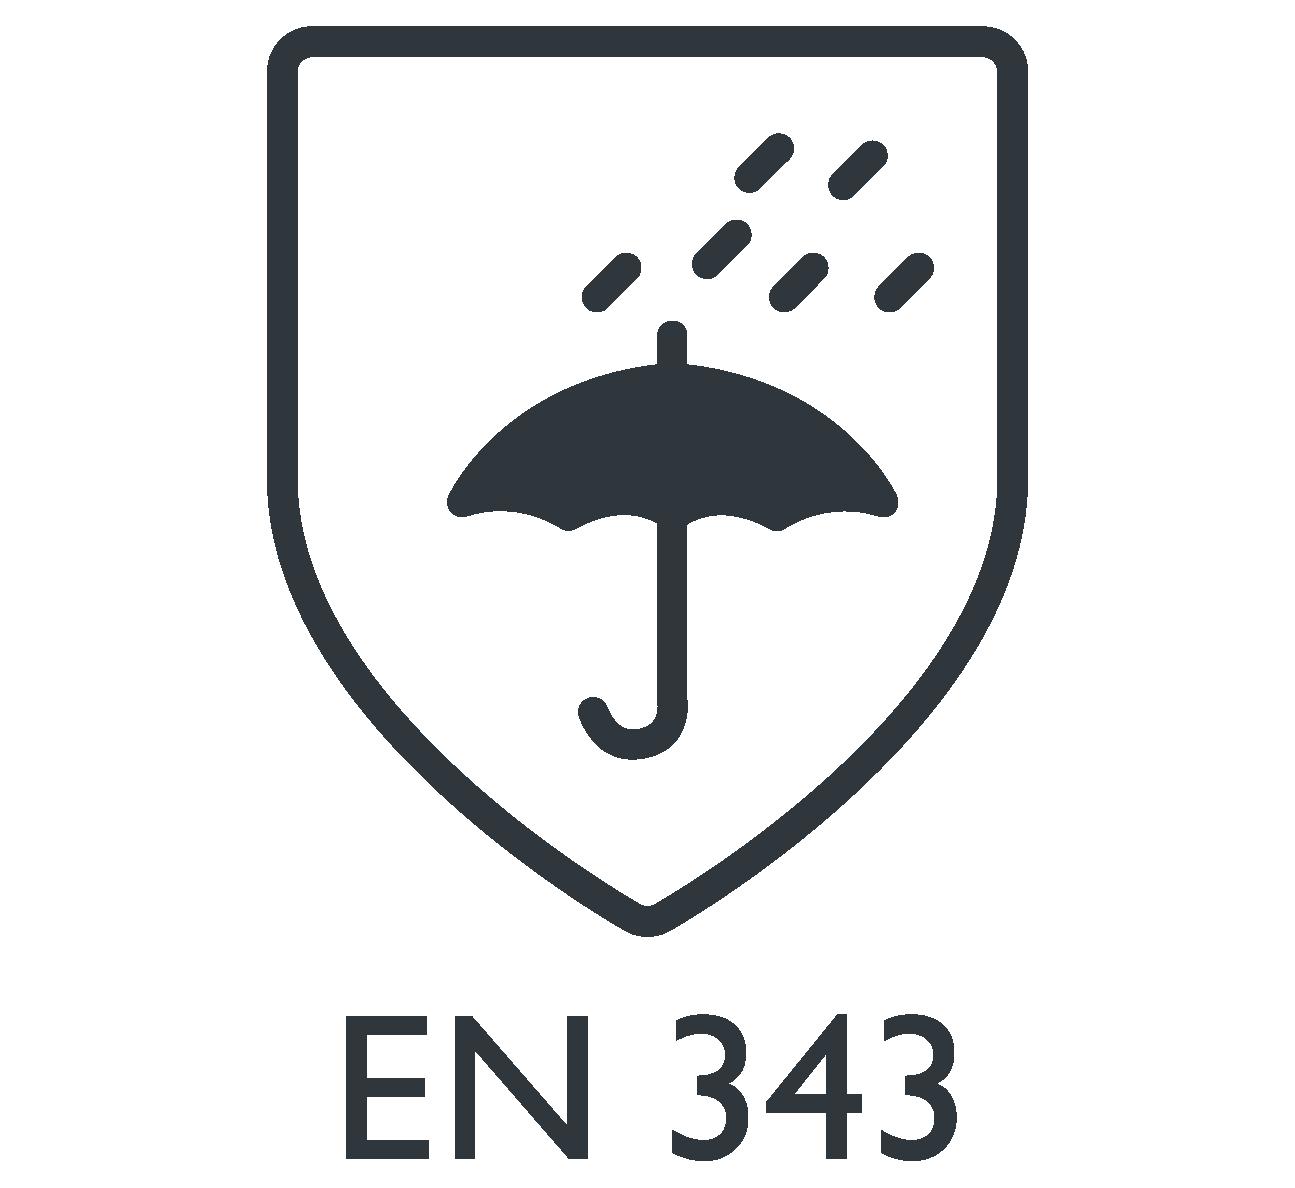 EN 343 roupa de proteção contra chuva Marina Textil